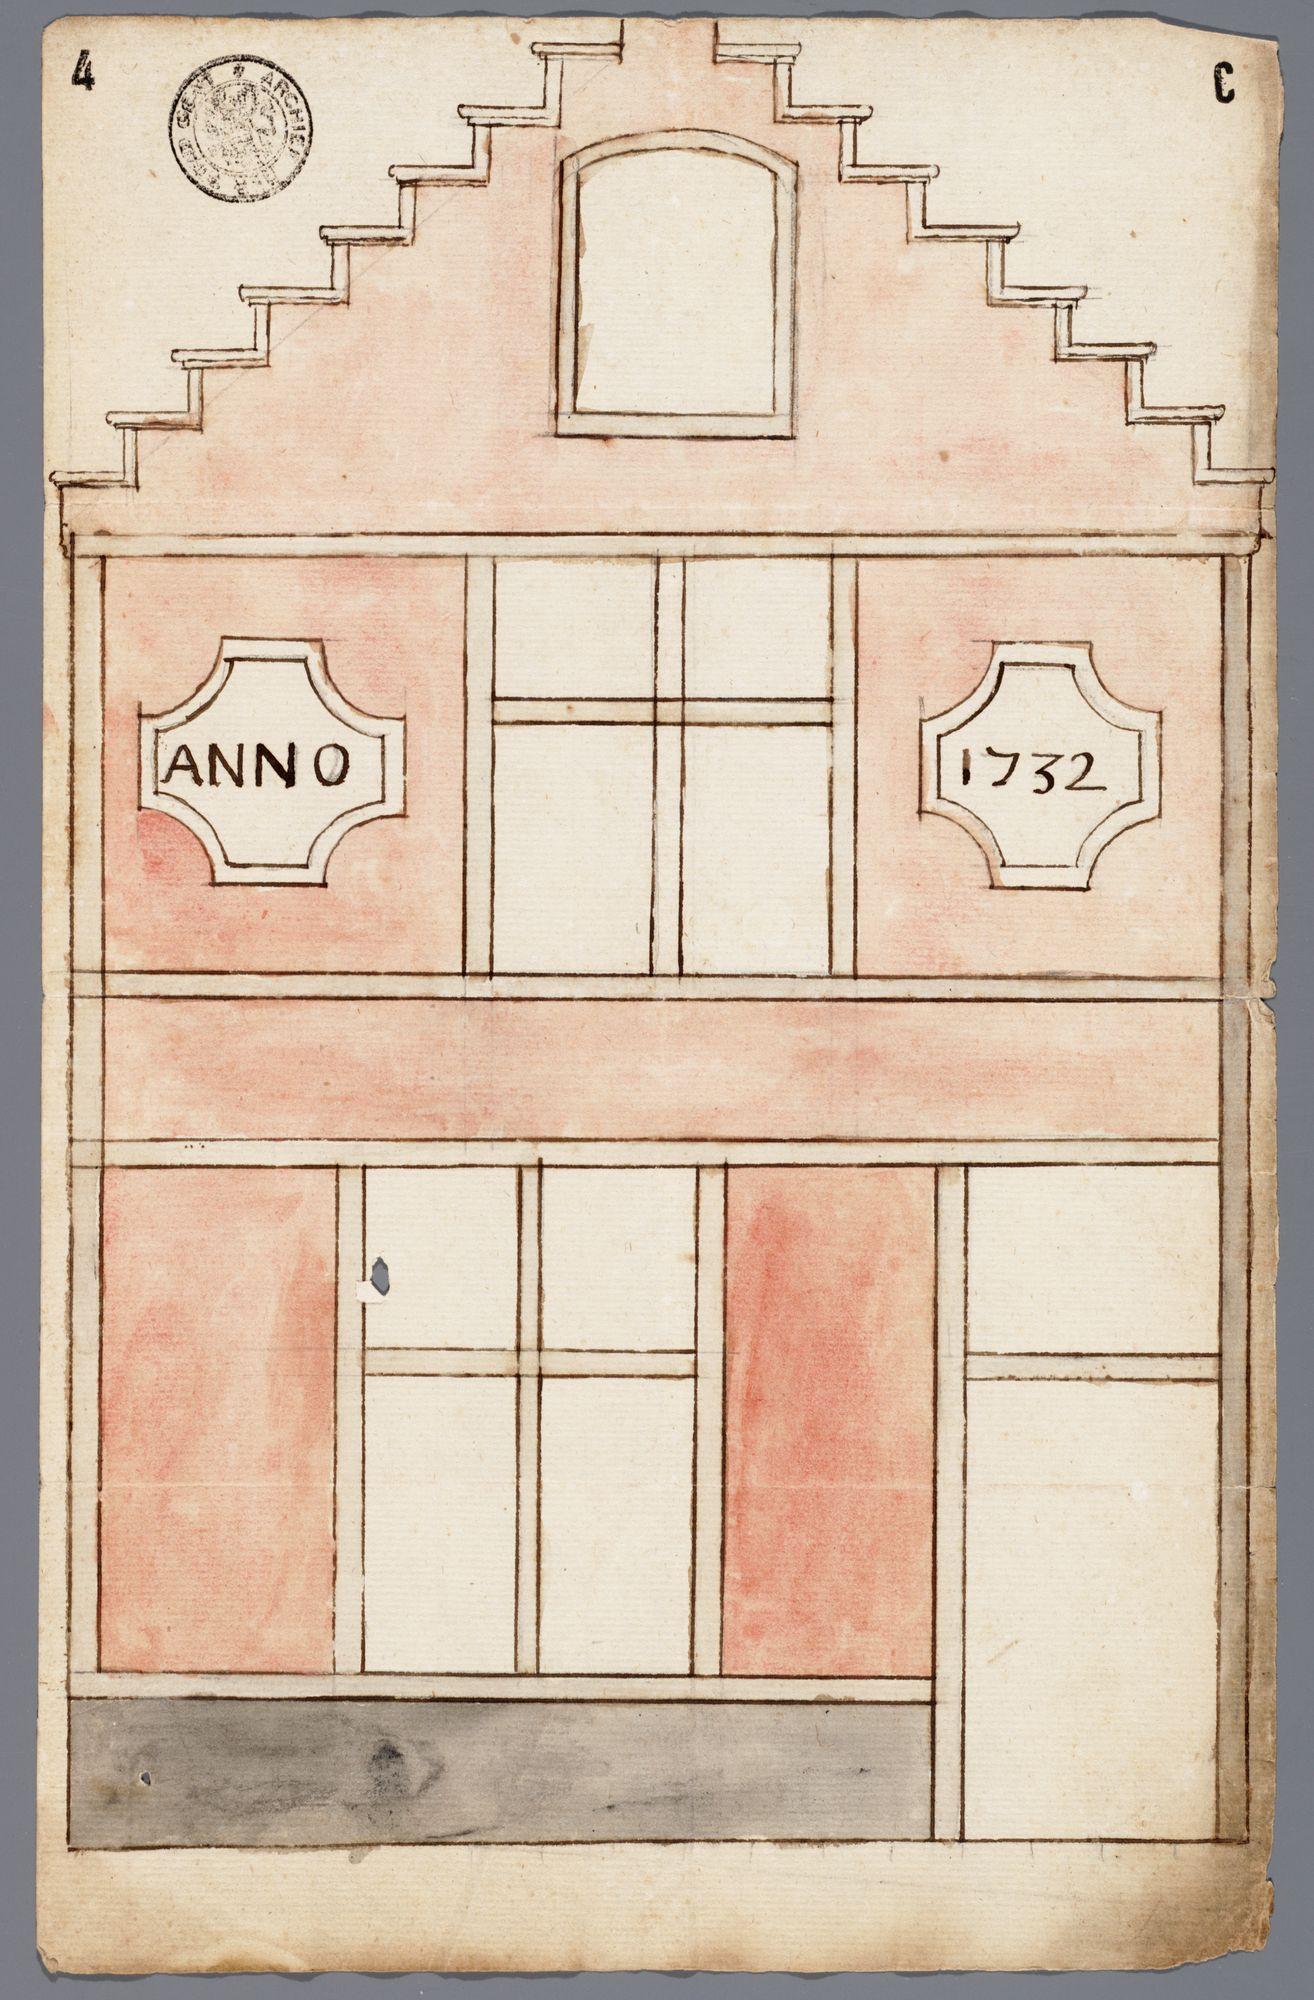 Gent: Brandstraat, 1732: opstand voorgevel